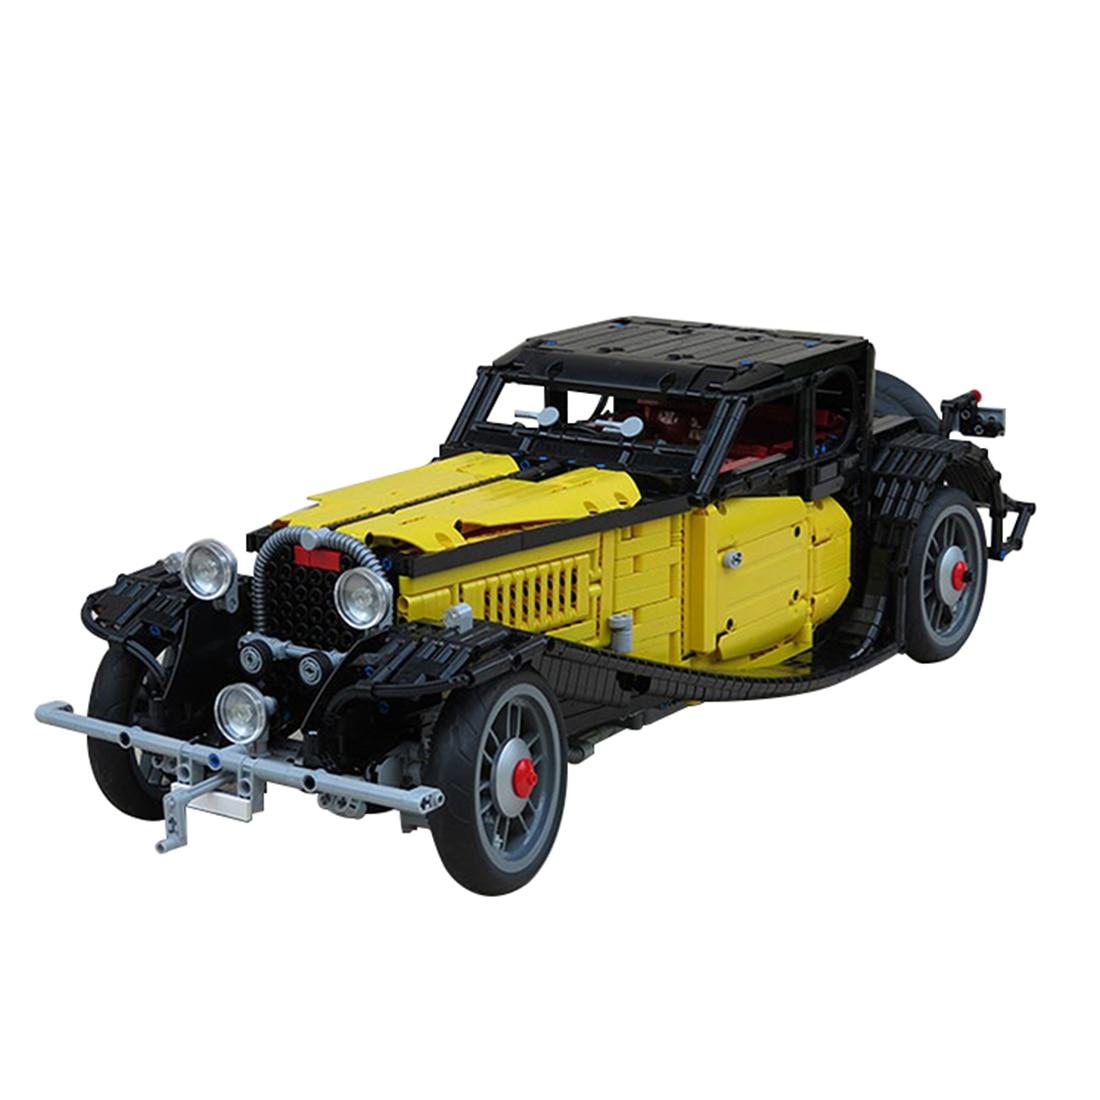 1:8 3428Pcs Moc Small Particle Classic Car Blocks Retro Building Blocks Car